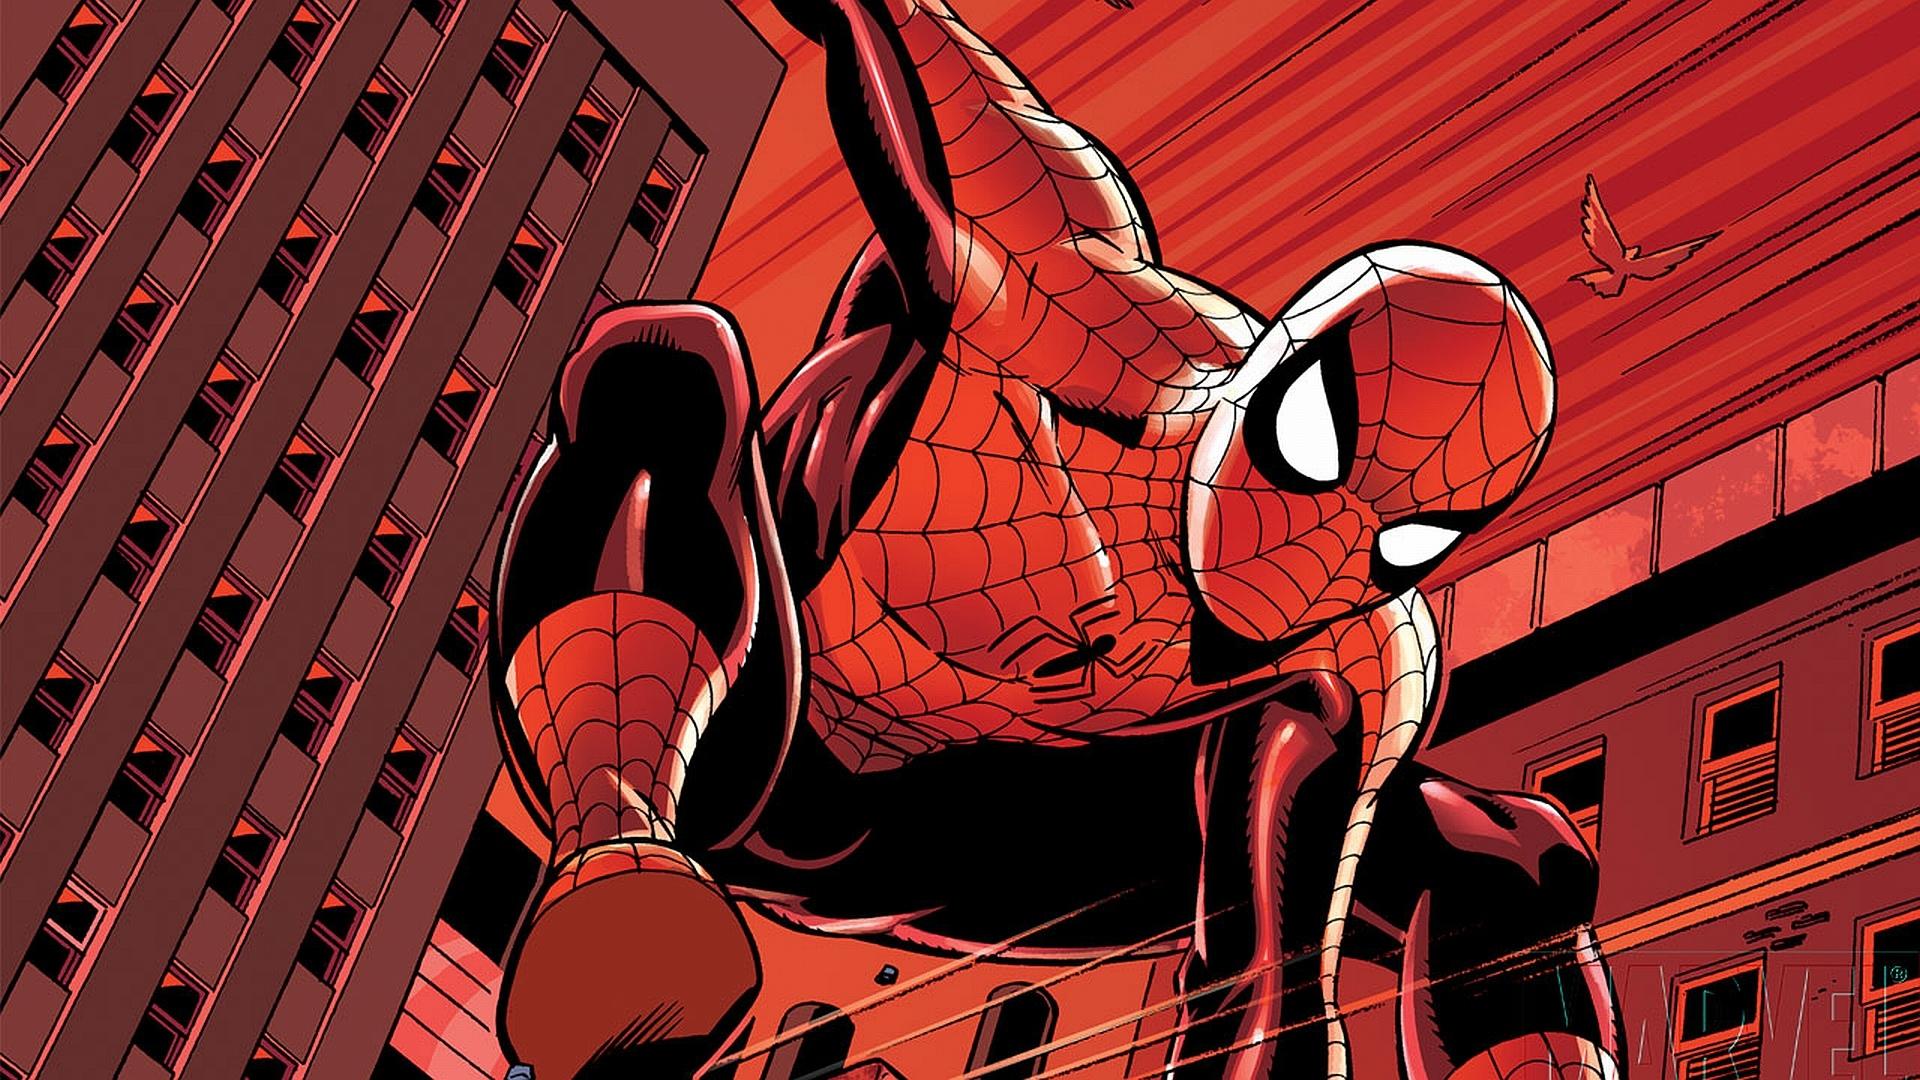 Transformers Logo Wallpaper Hd Fondos De Pantalla De Spiderman Wallpapers